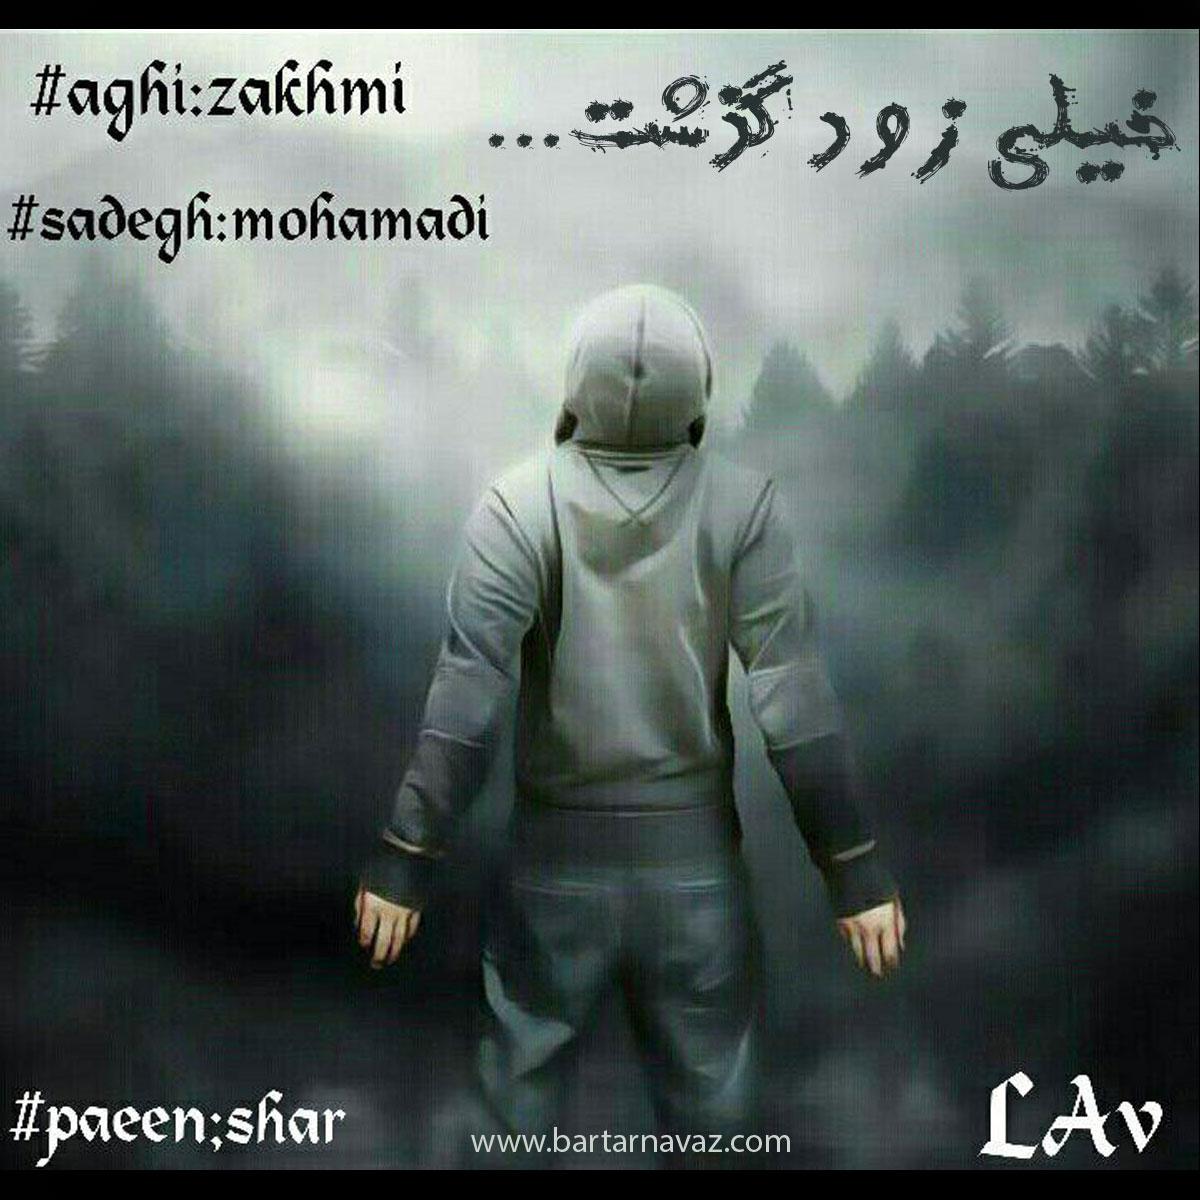 khili zod gozasht – sadegh mohamadi & aghil zakhmi